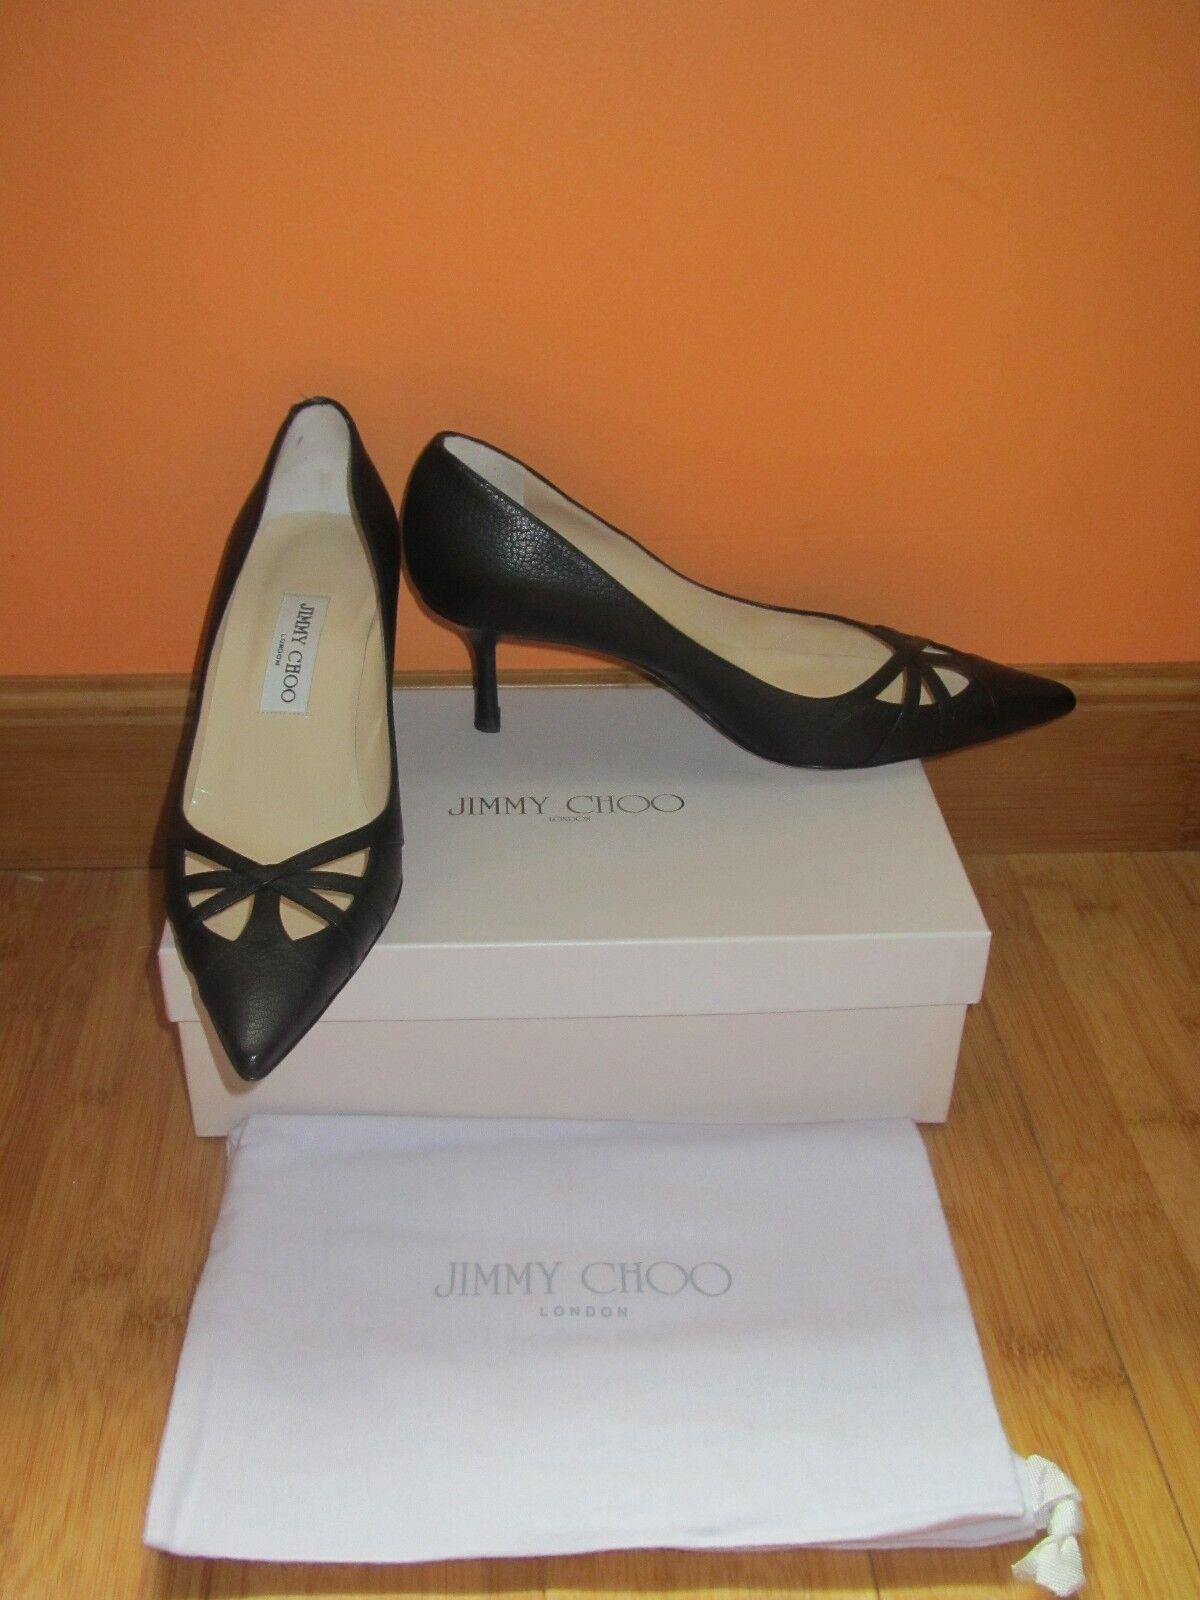 il più alla moda Brand new new new  Jimmy Choo London, pumps, nero w  cutout, sz.39, Made in   al prezzo più basso